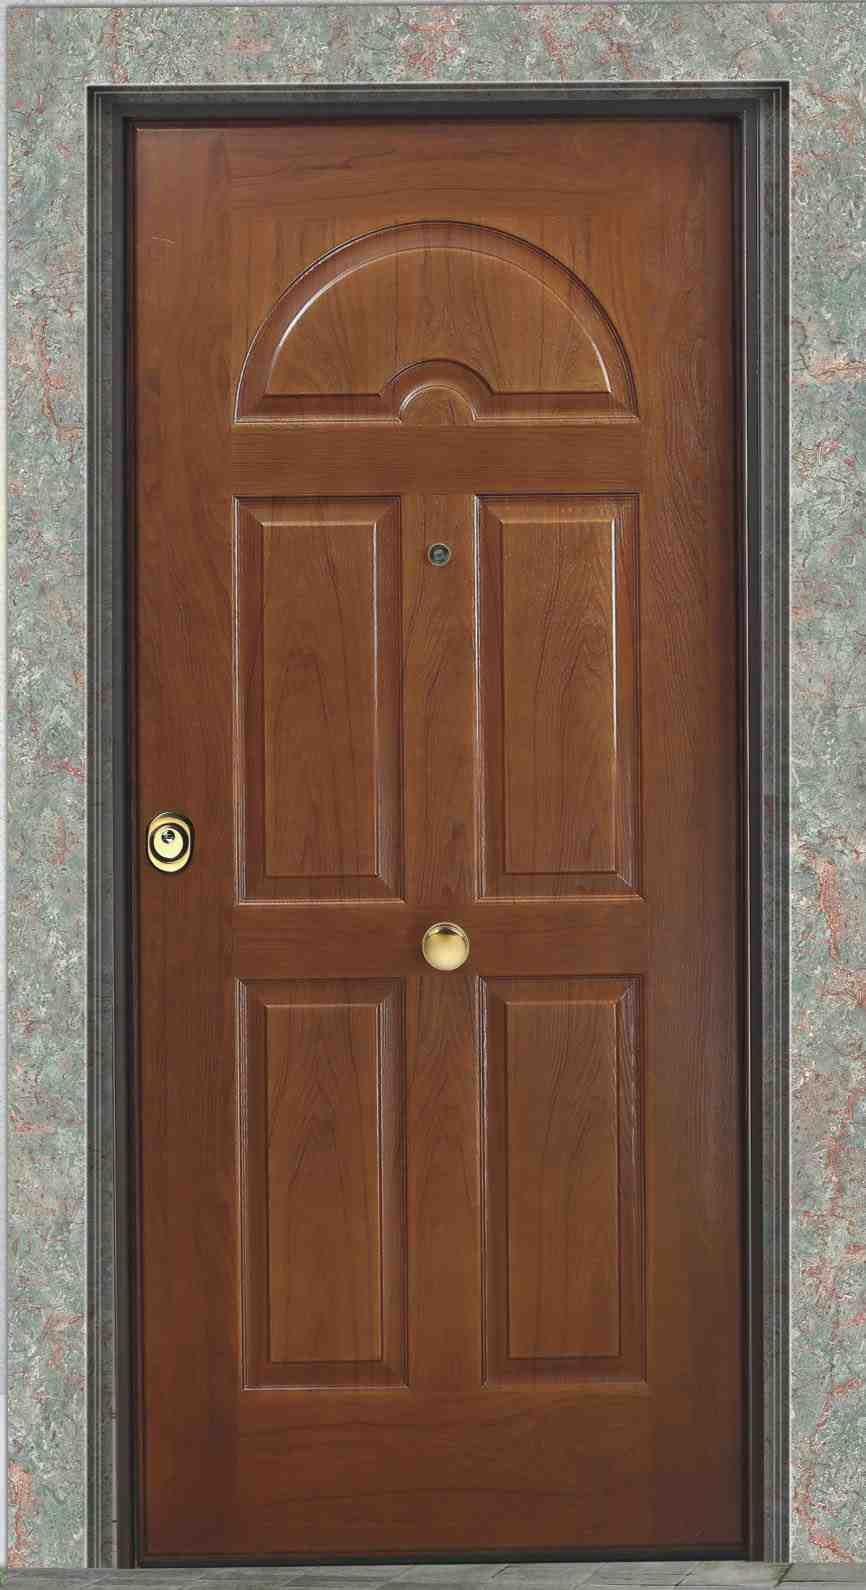 Porte blindate classe 4 da 360 porta blindata classe 4 berlino acciaio per esterni - Porte per esterno prezzi ...